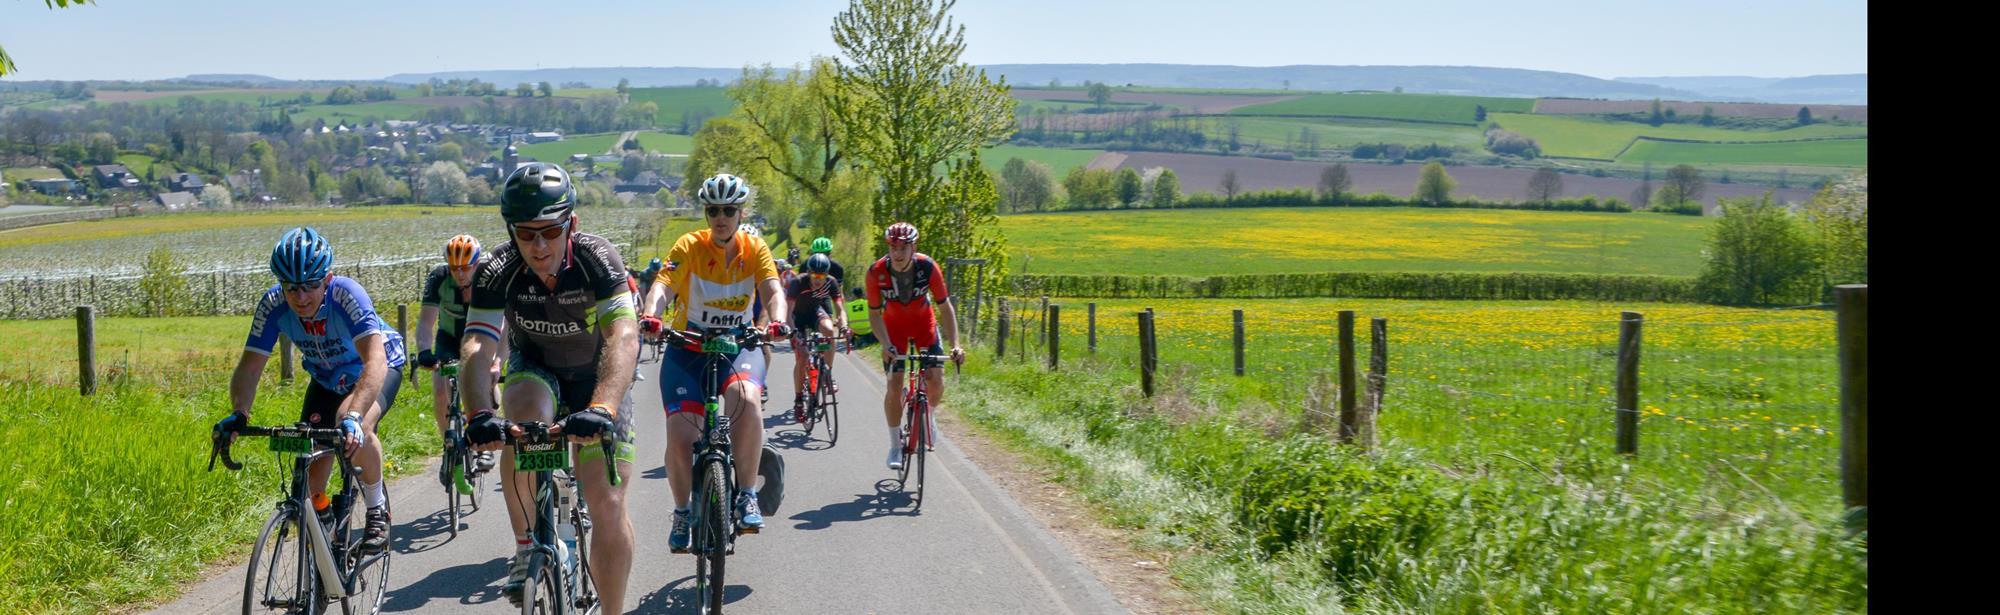 Finale Amstel Gold Race-Lus 3 Zuid-Limburg